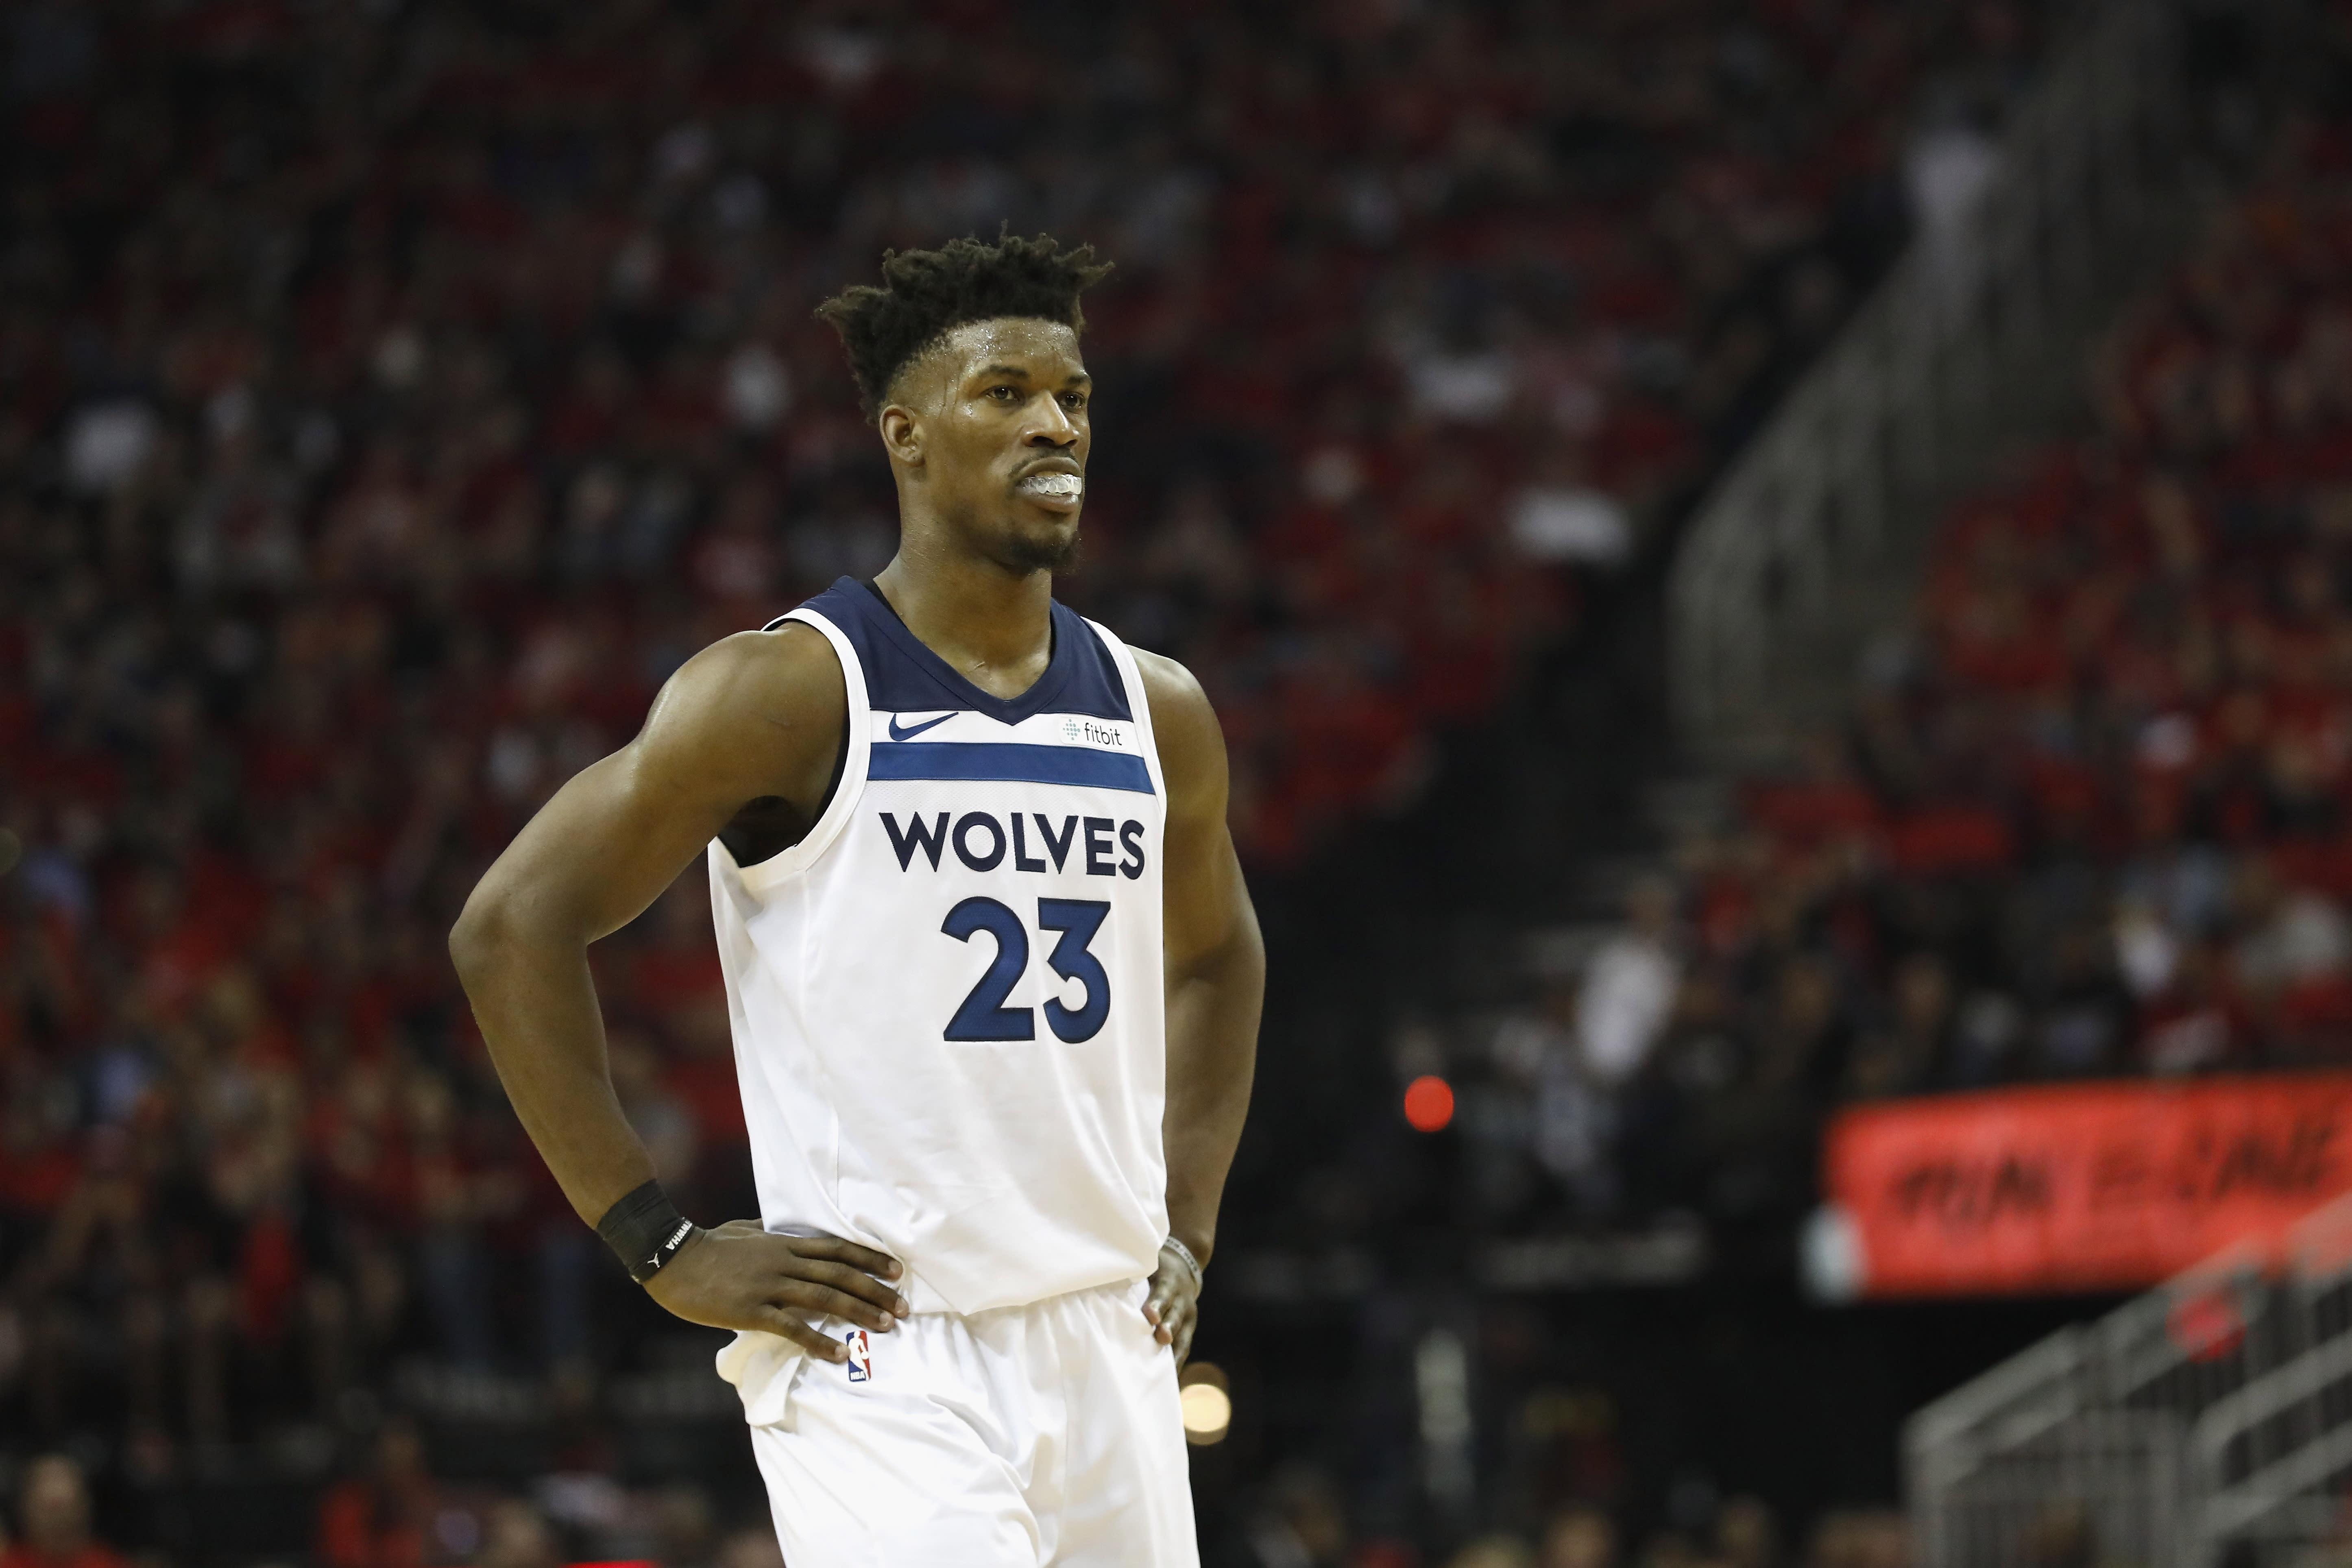 【NBA吉巴人生】你認爲Jimmy Butler會繼續待在灰狼隊嘛